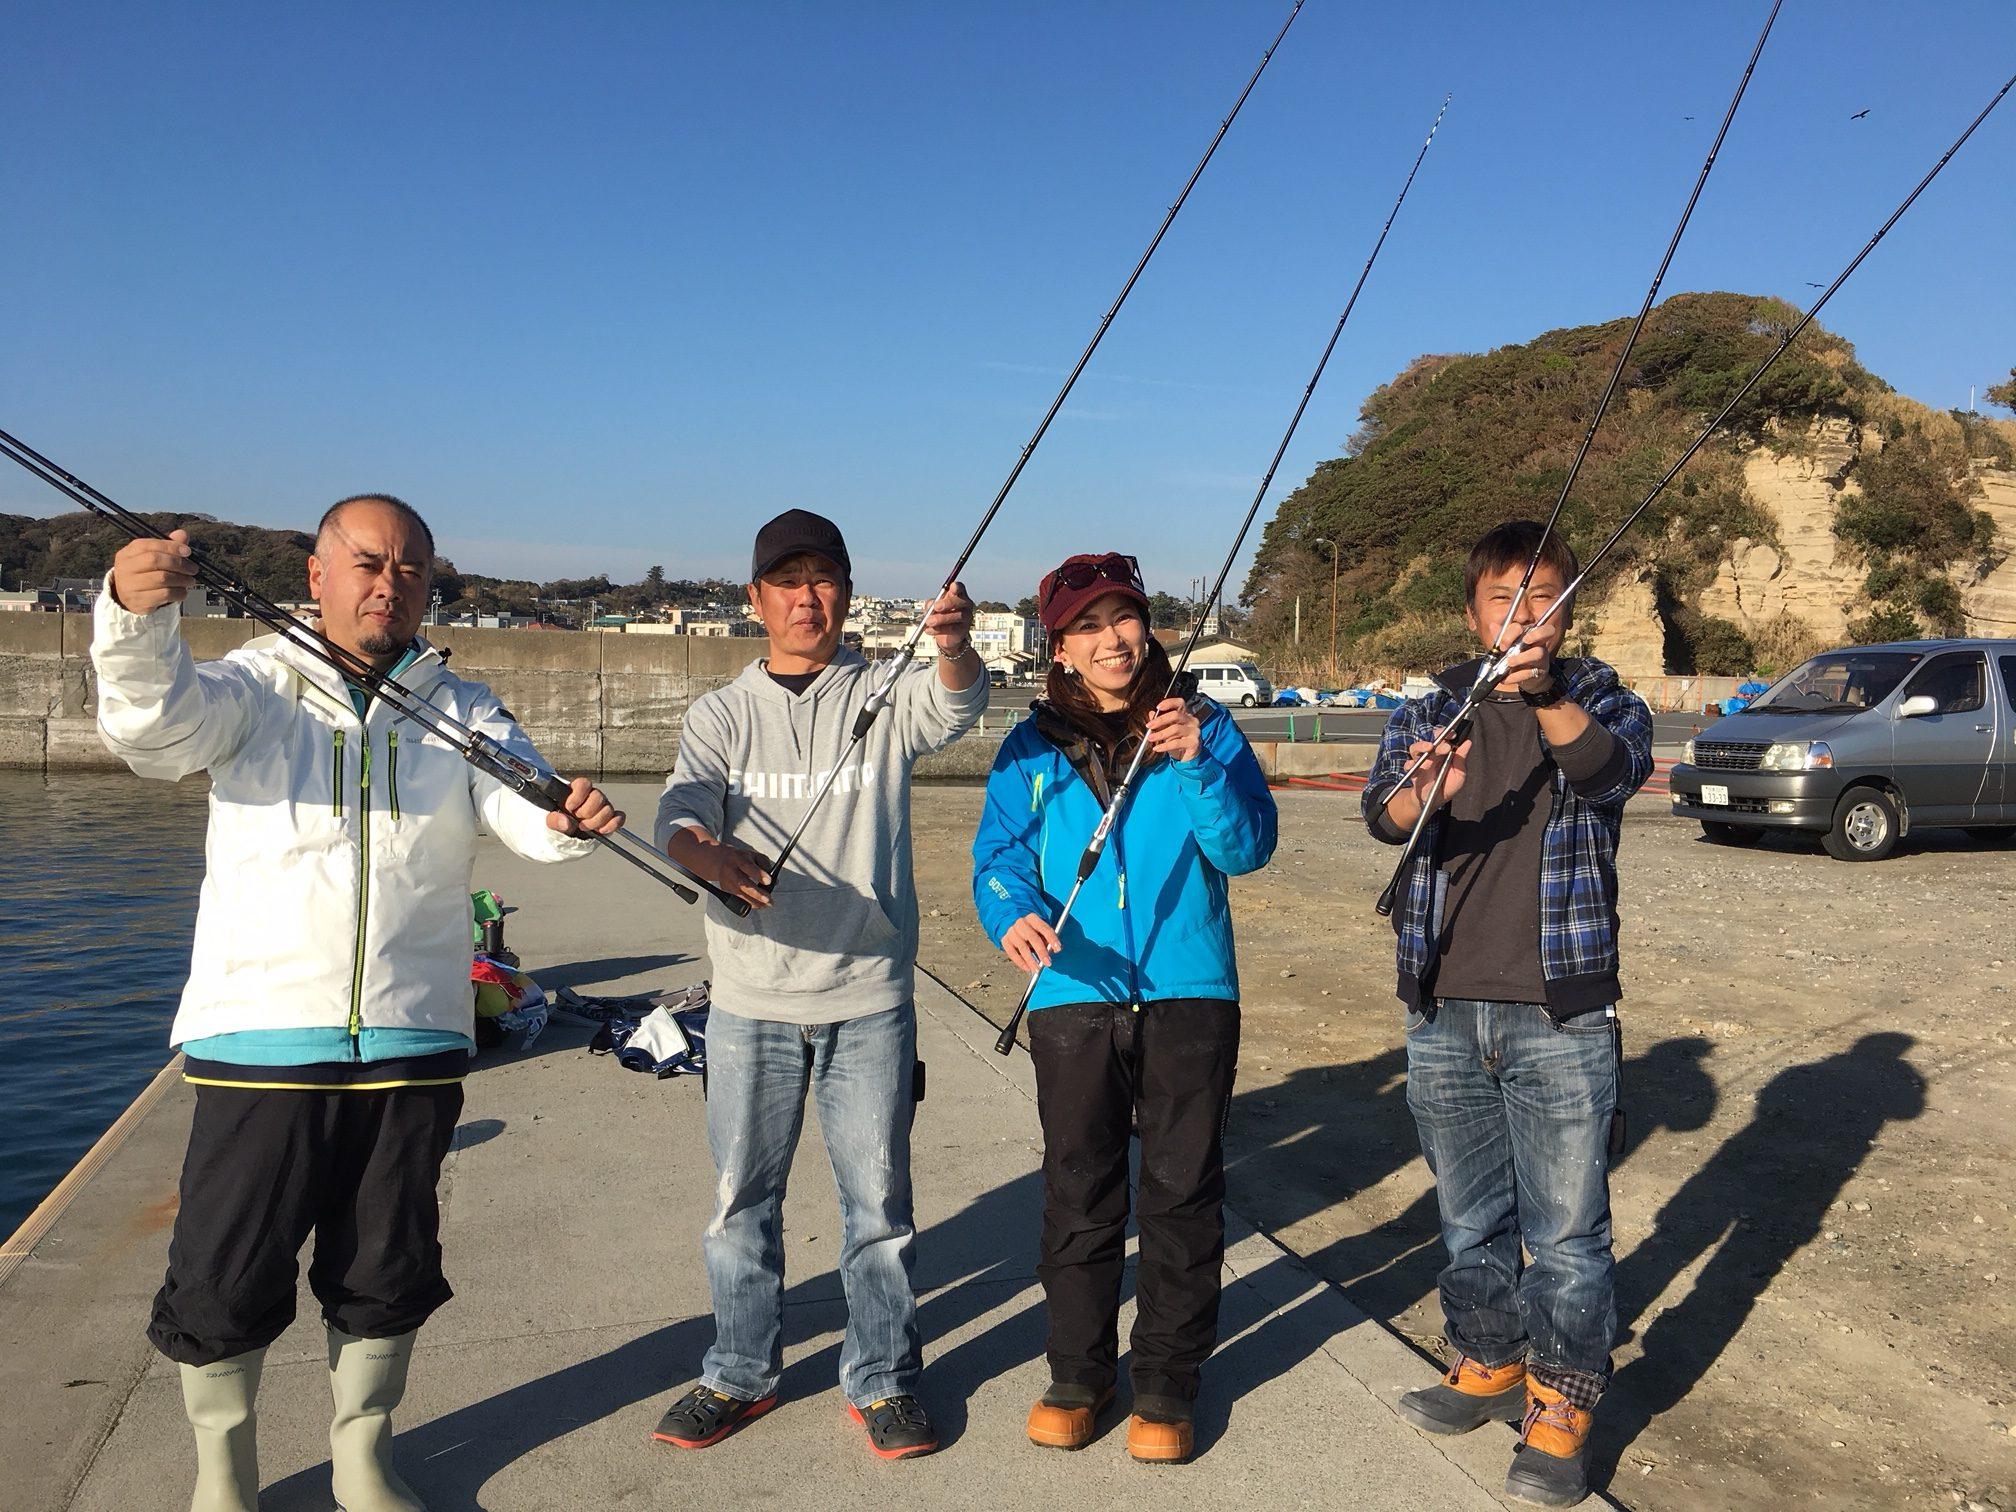 スタッフ千鮎釣行記~カワハギ 10cm弱-25.6cm/8枚、他~